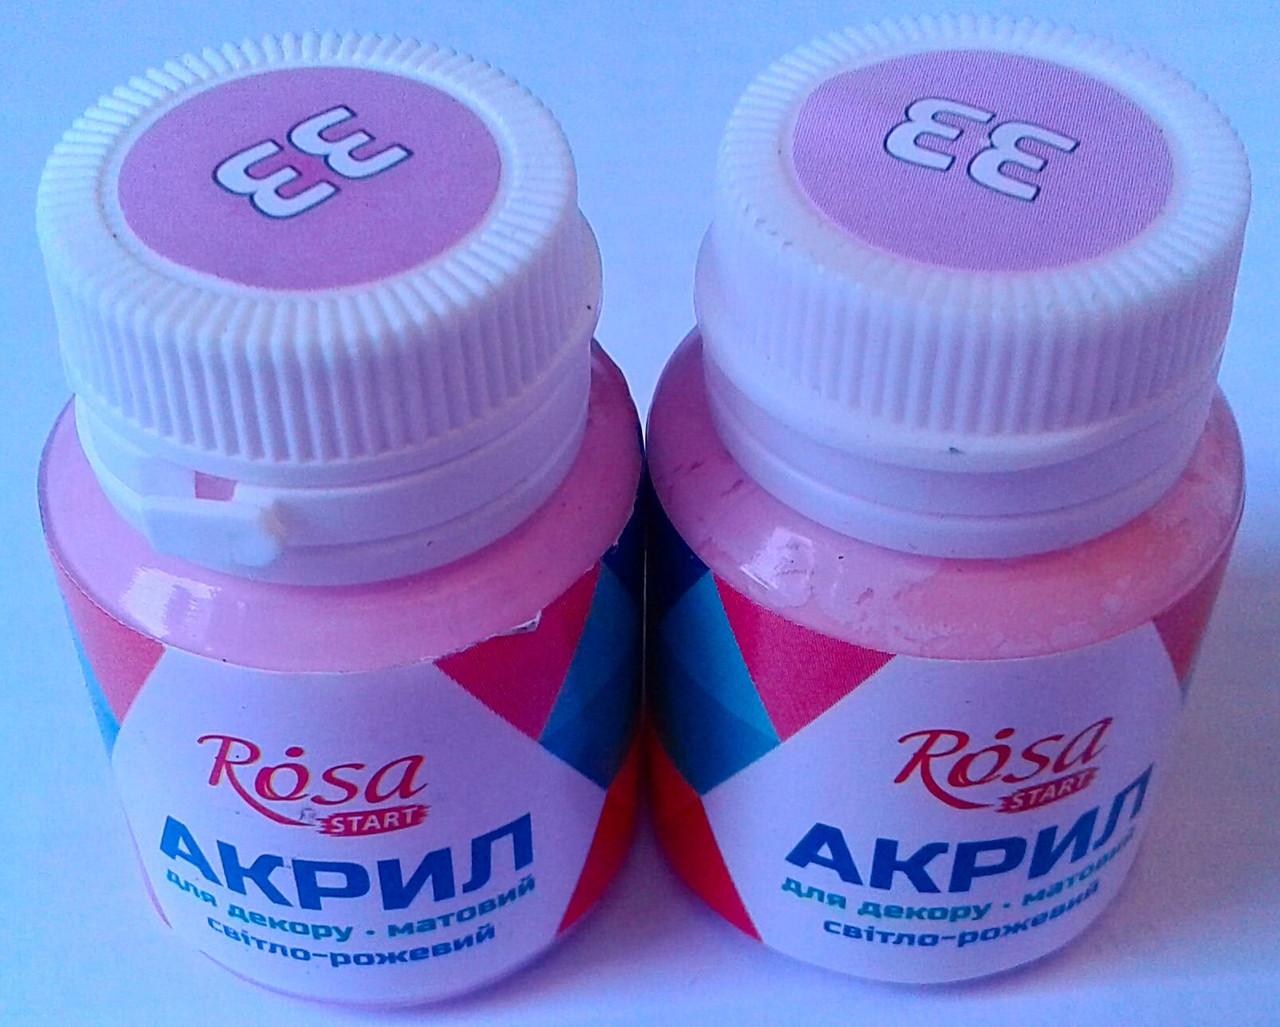 Акрил Светло розовый 20 мл 20033 РОСА Украина